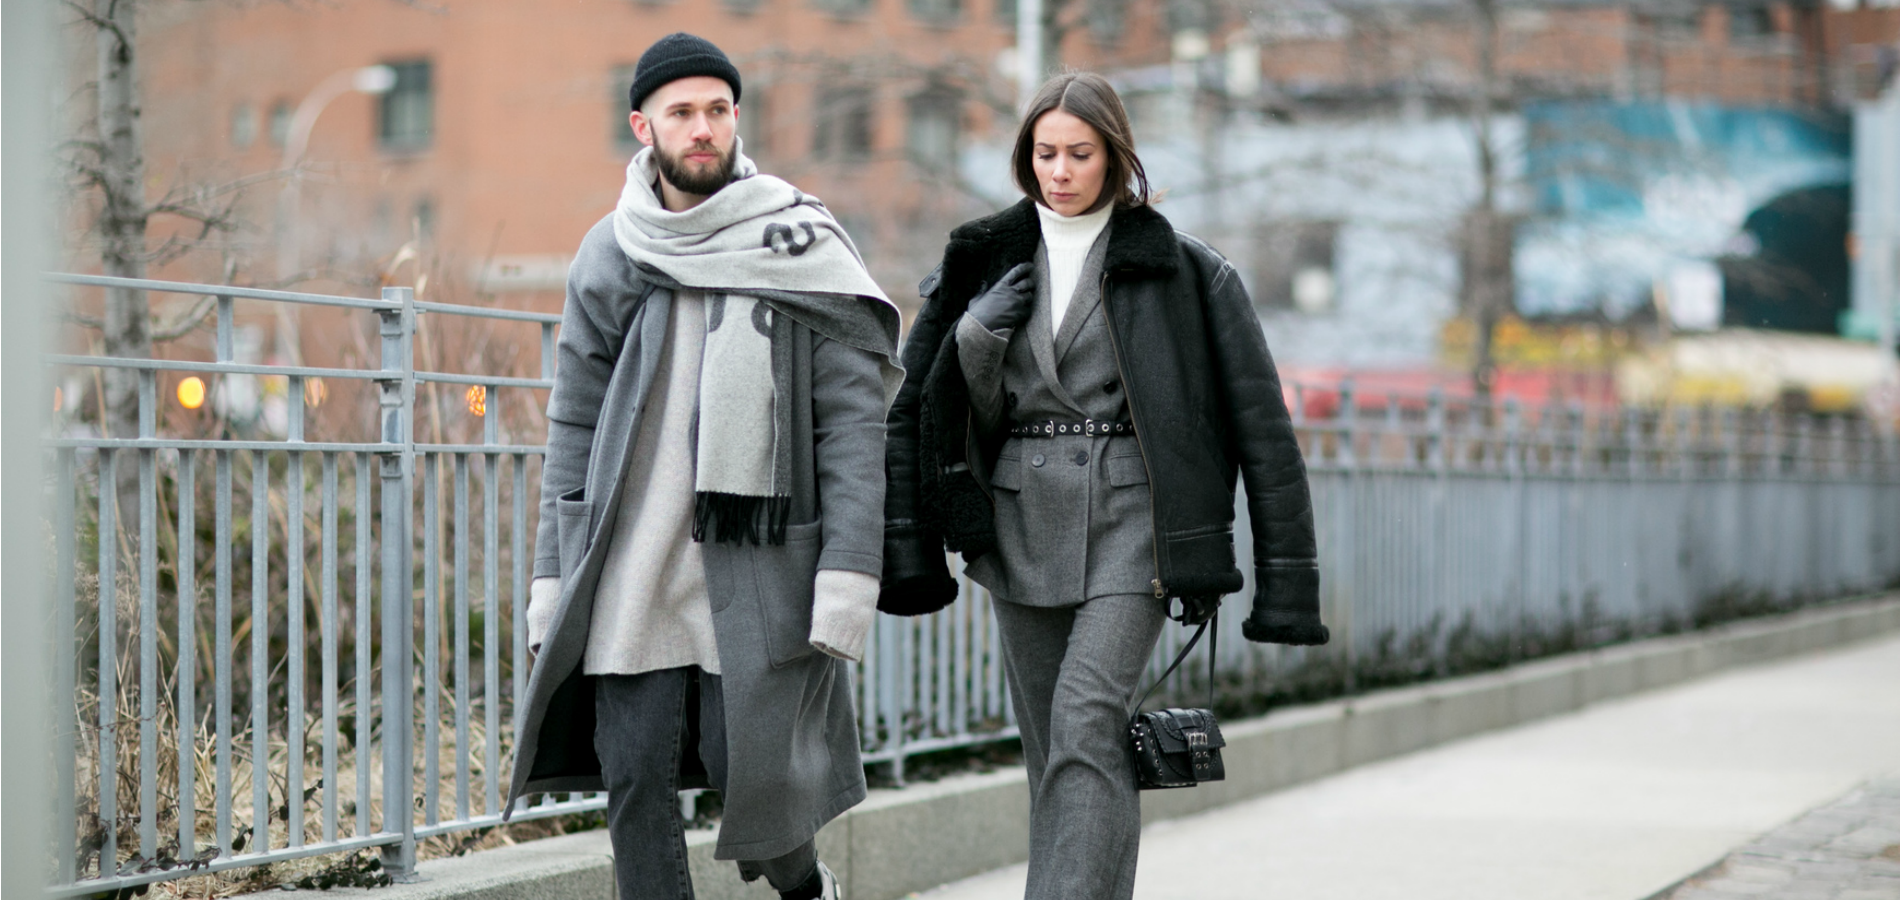 e6d74223ba Lors de la Fashion Week new-yorkaise automne-hiver 2016-2017, cette jeune  femme excelle dans l'art de magnifier son ensemble tailleur-veste, avec un  manteau ...